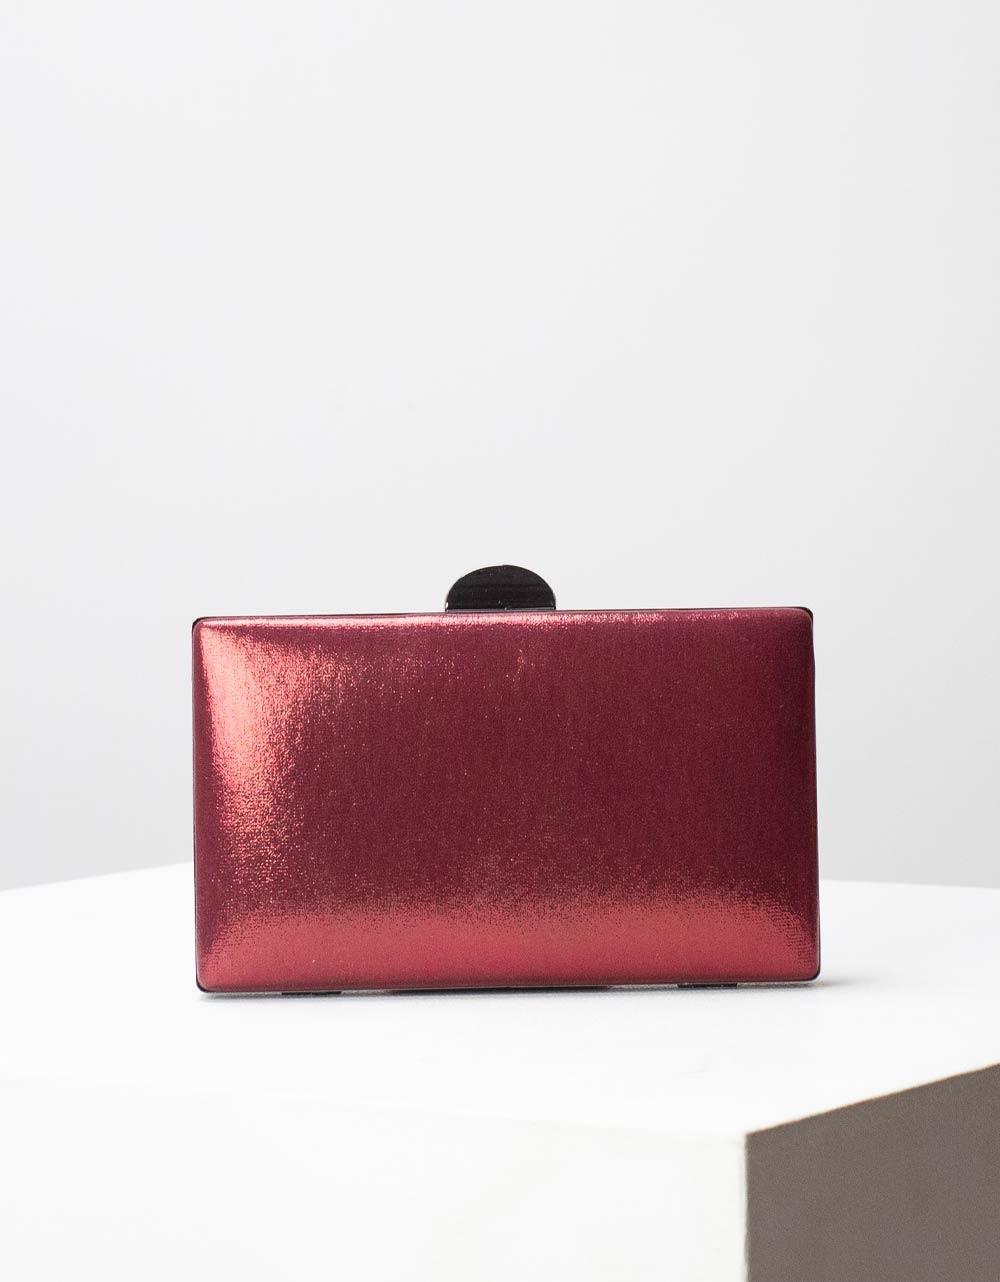 Εικόνα από Γυναικείοι φάκελοι clutch μεταλλιζέ Μπορντώ